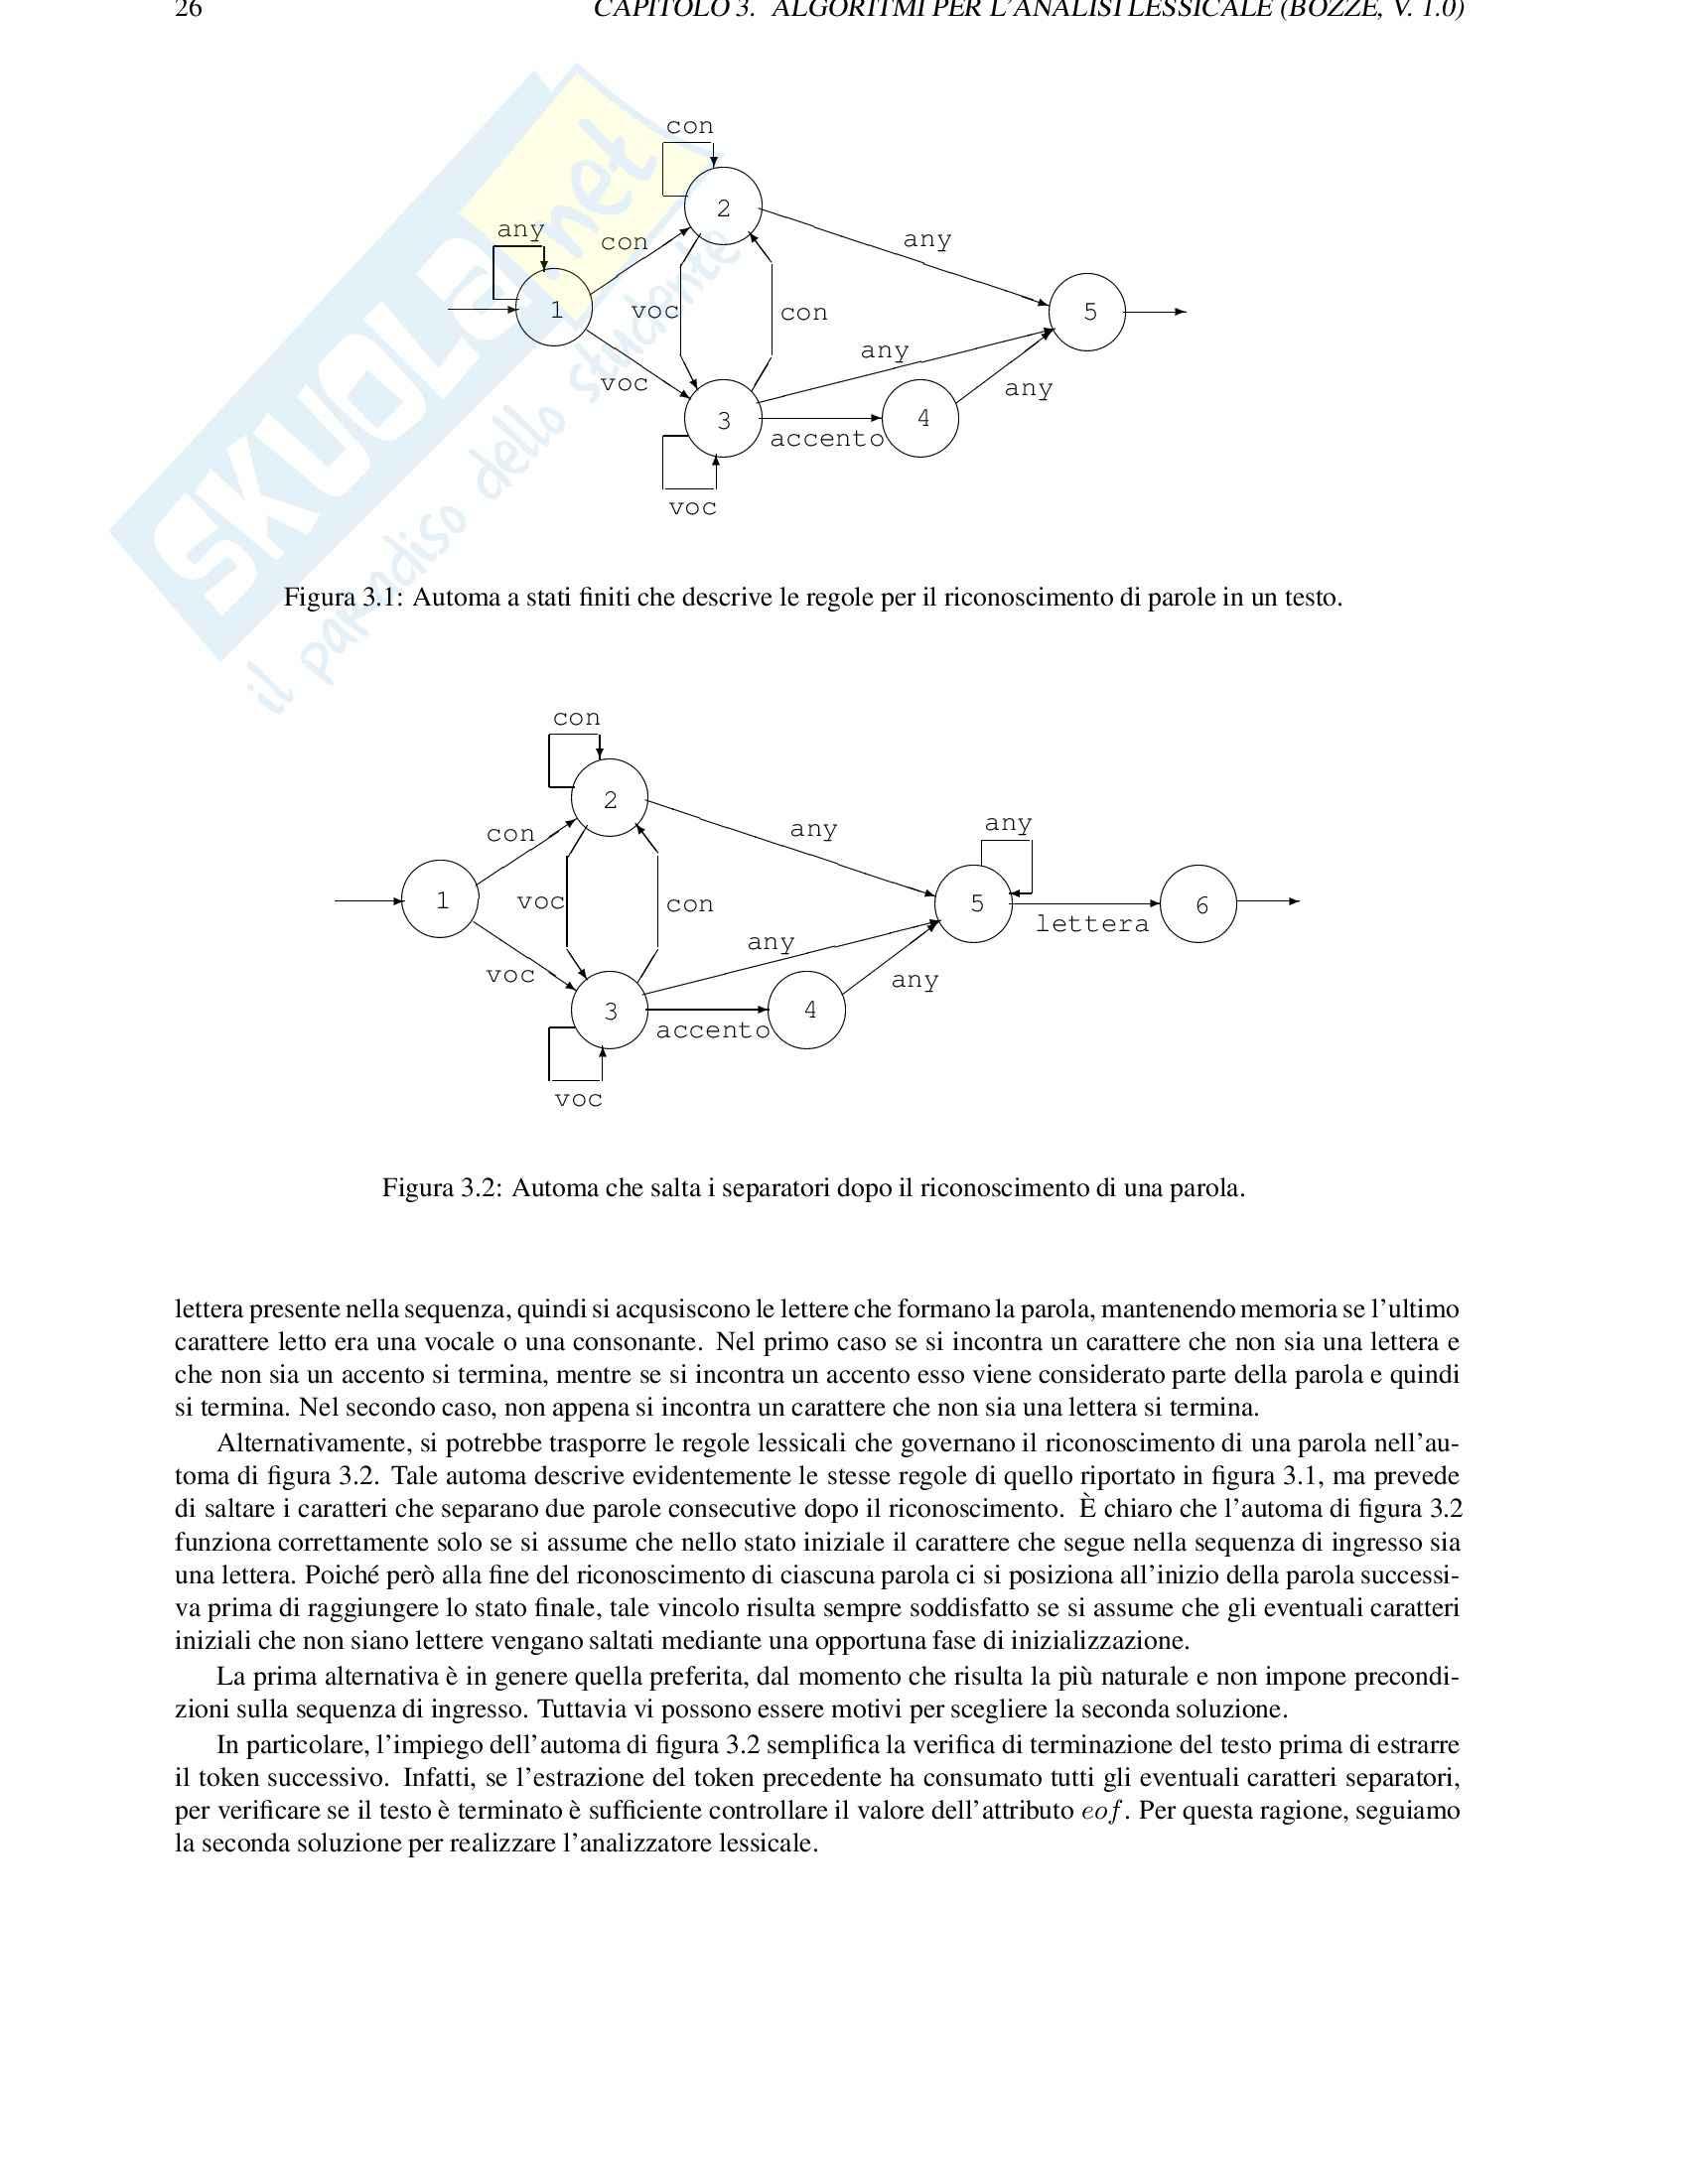 Algoritmi e strutture dati Pag. 26